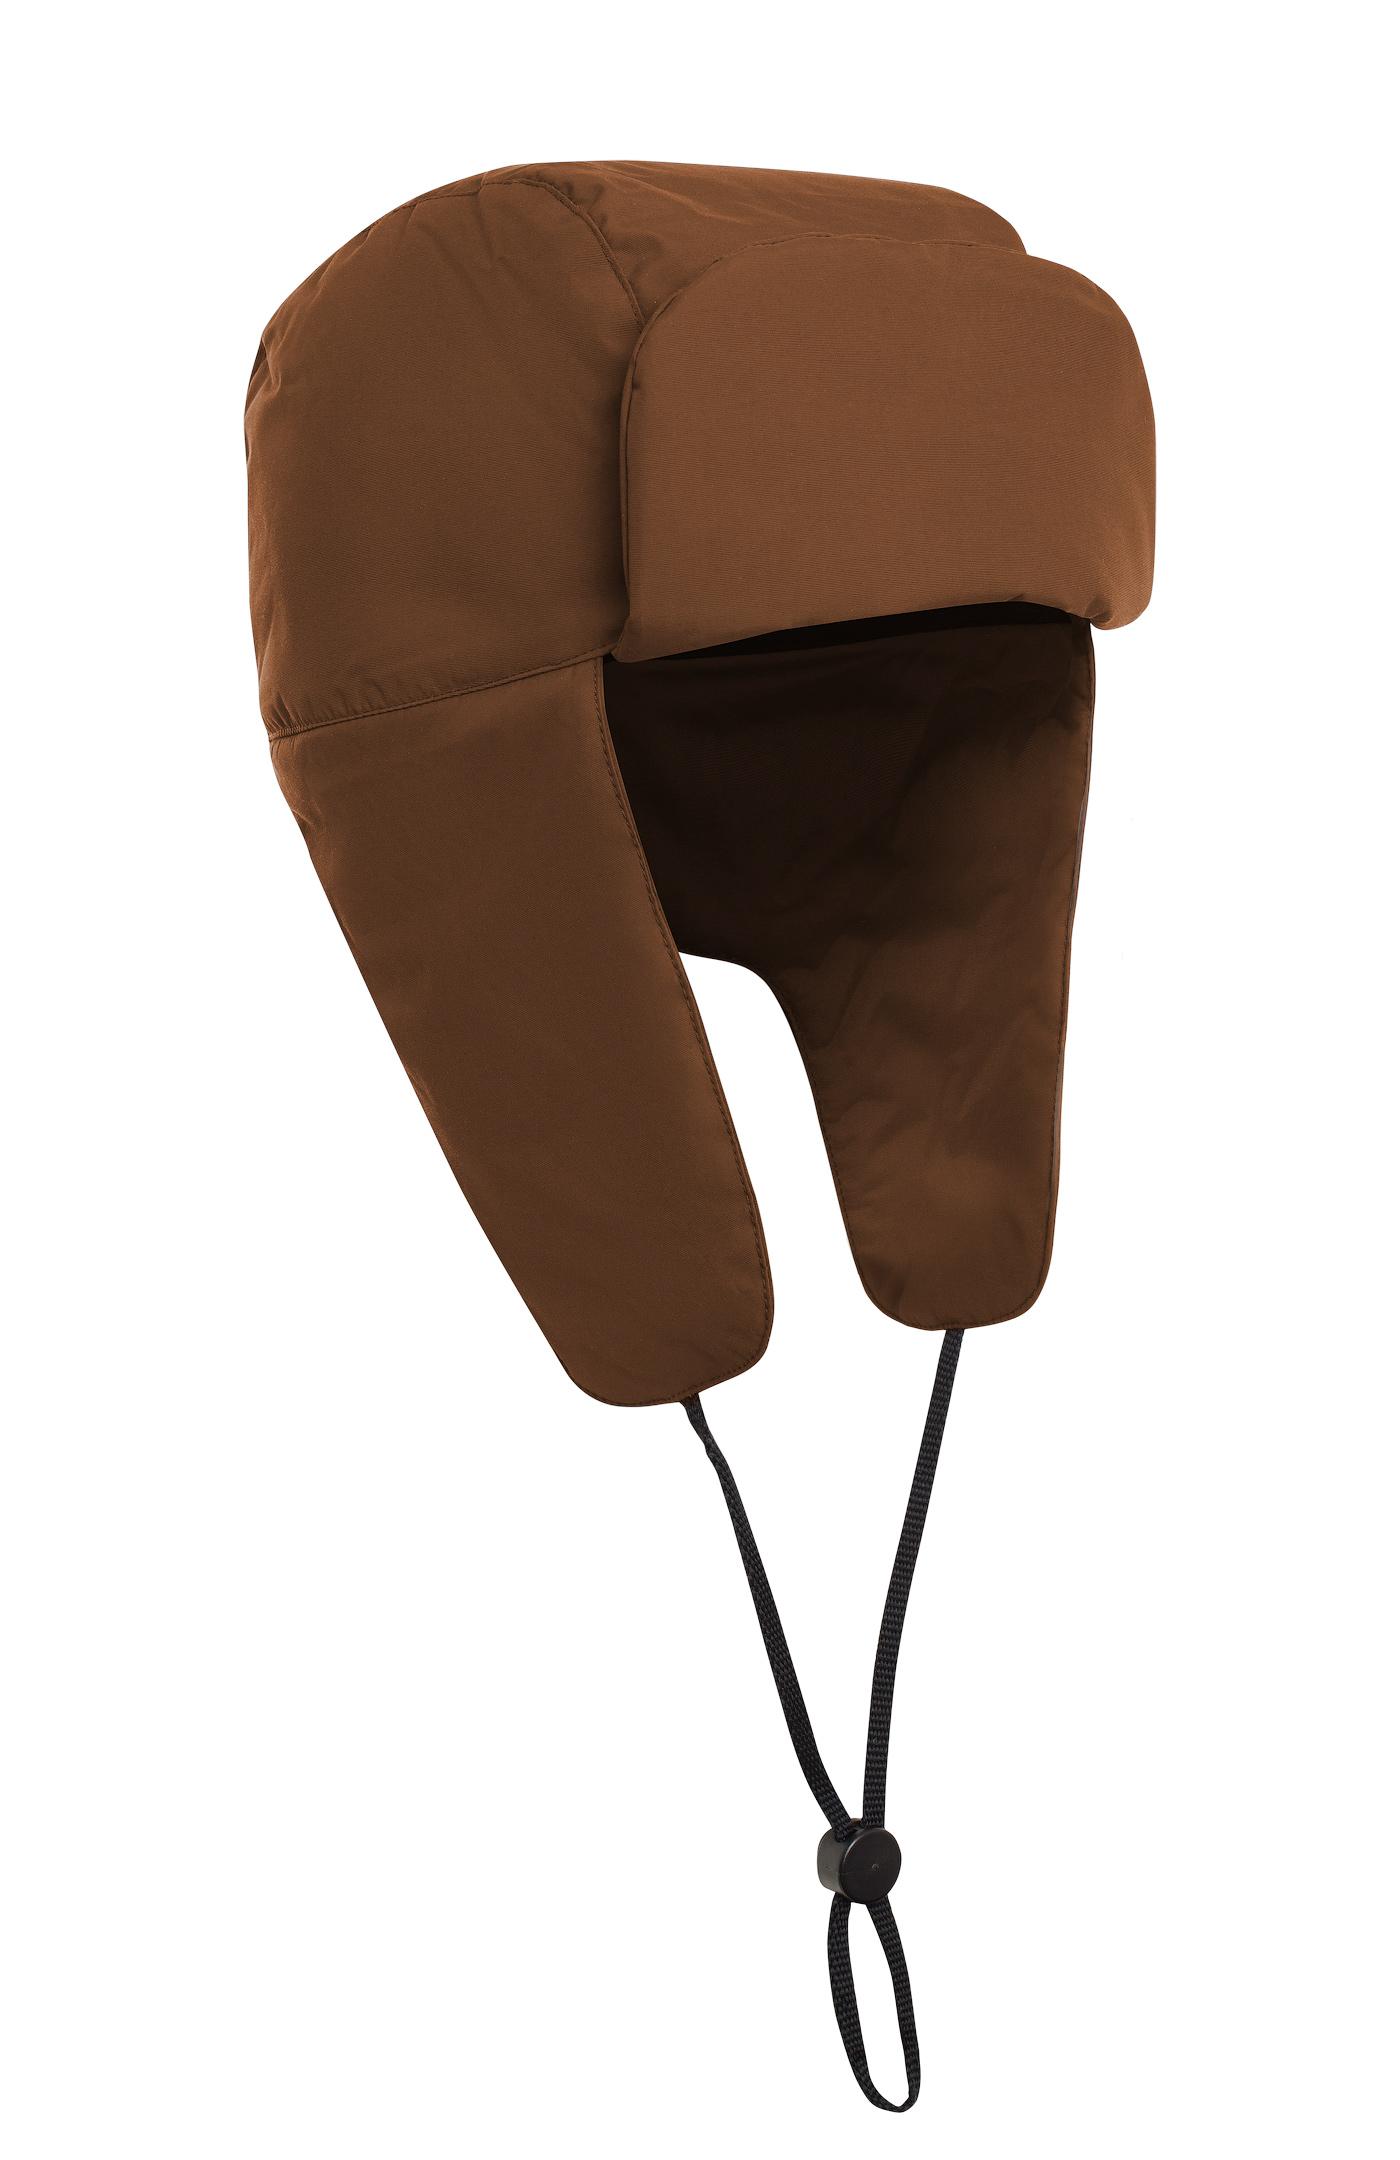 Купить Шапка BASK DICKIE-SHL коричневый, Компания БАСК